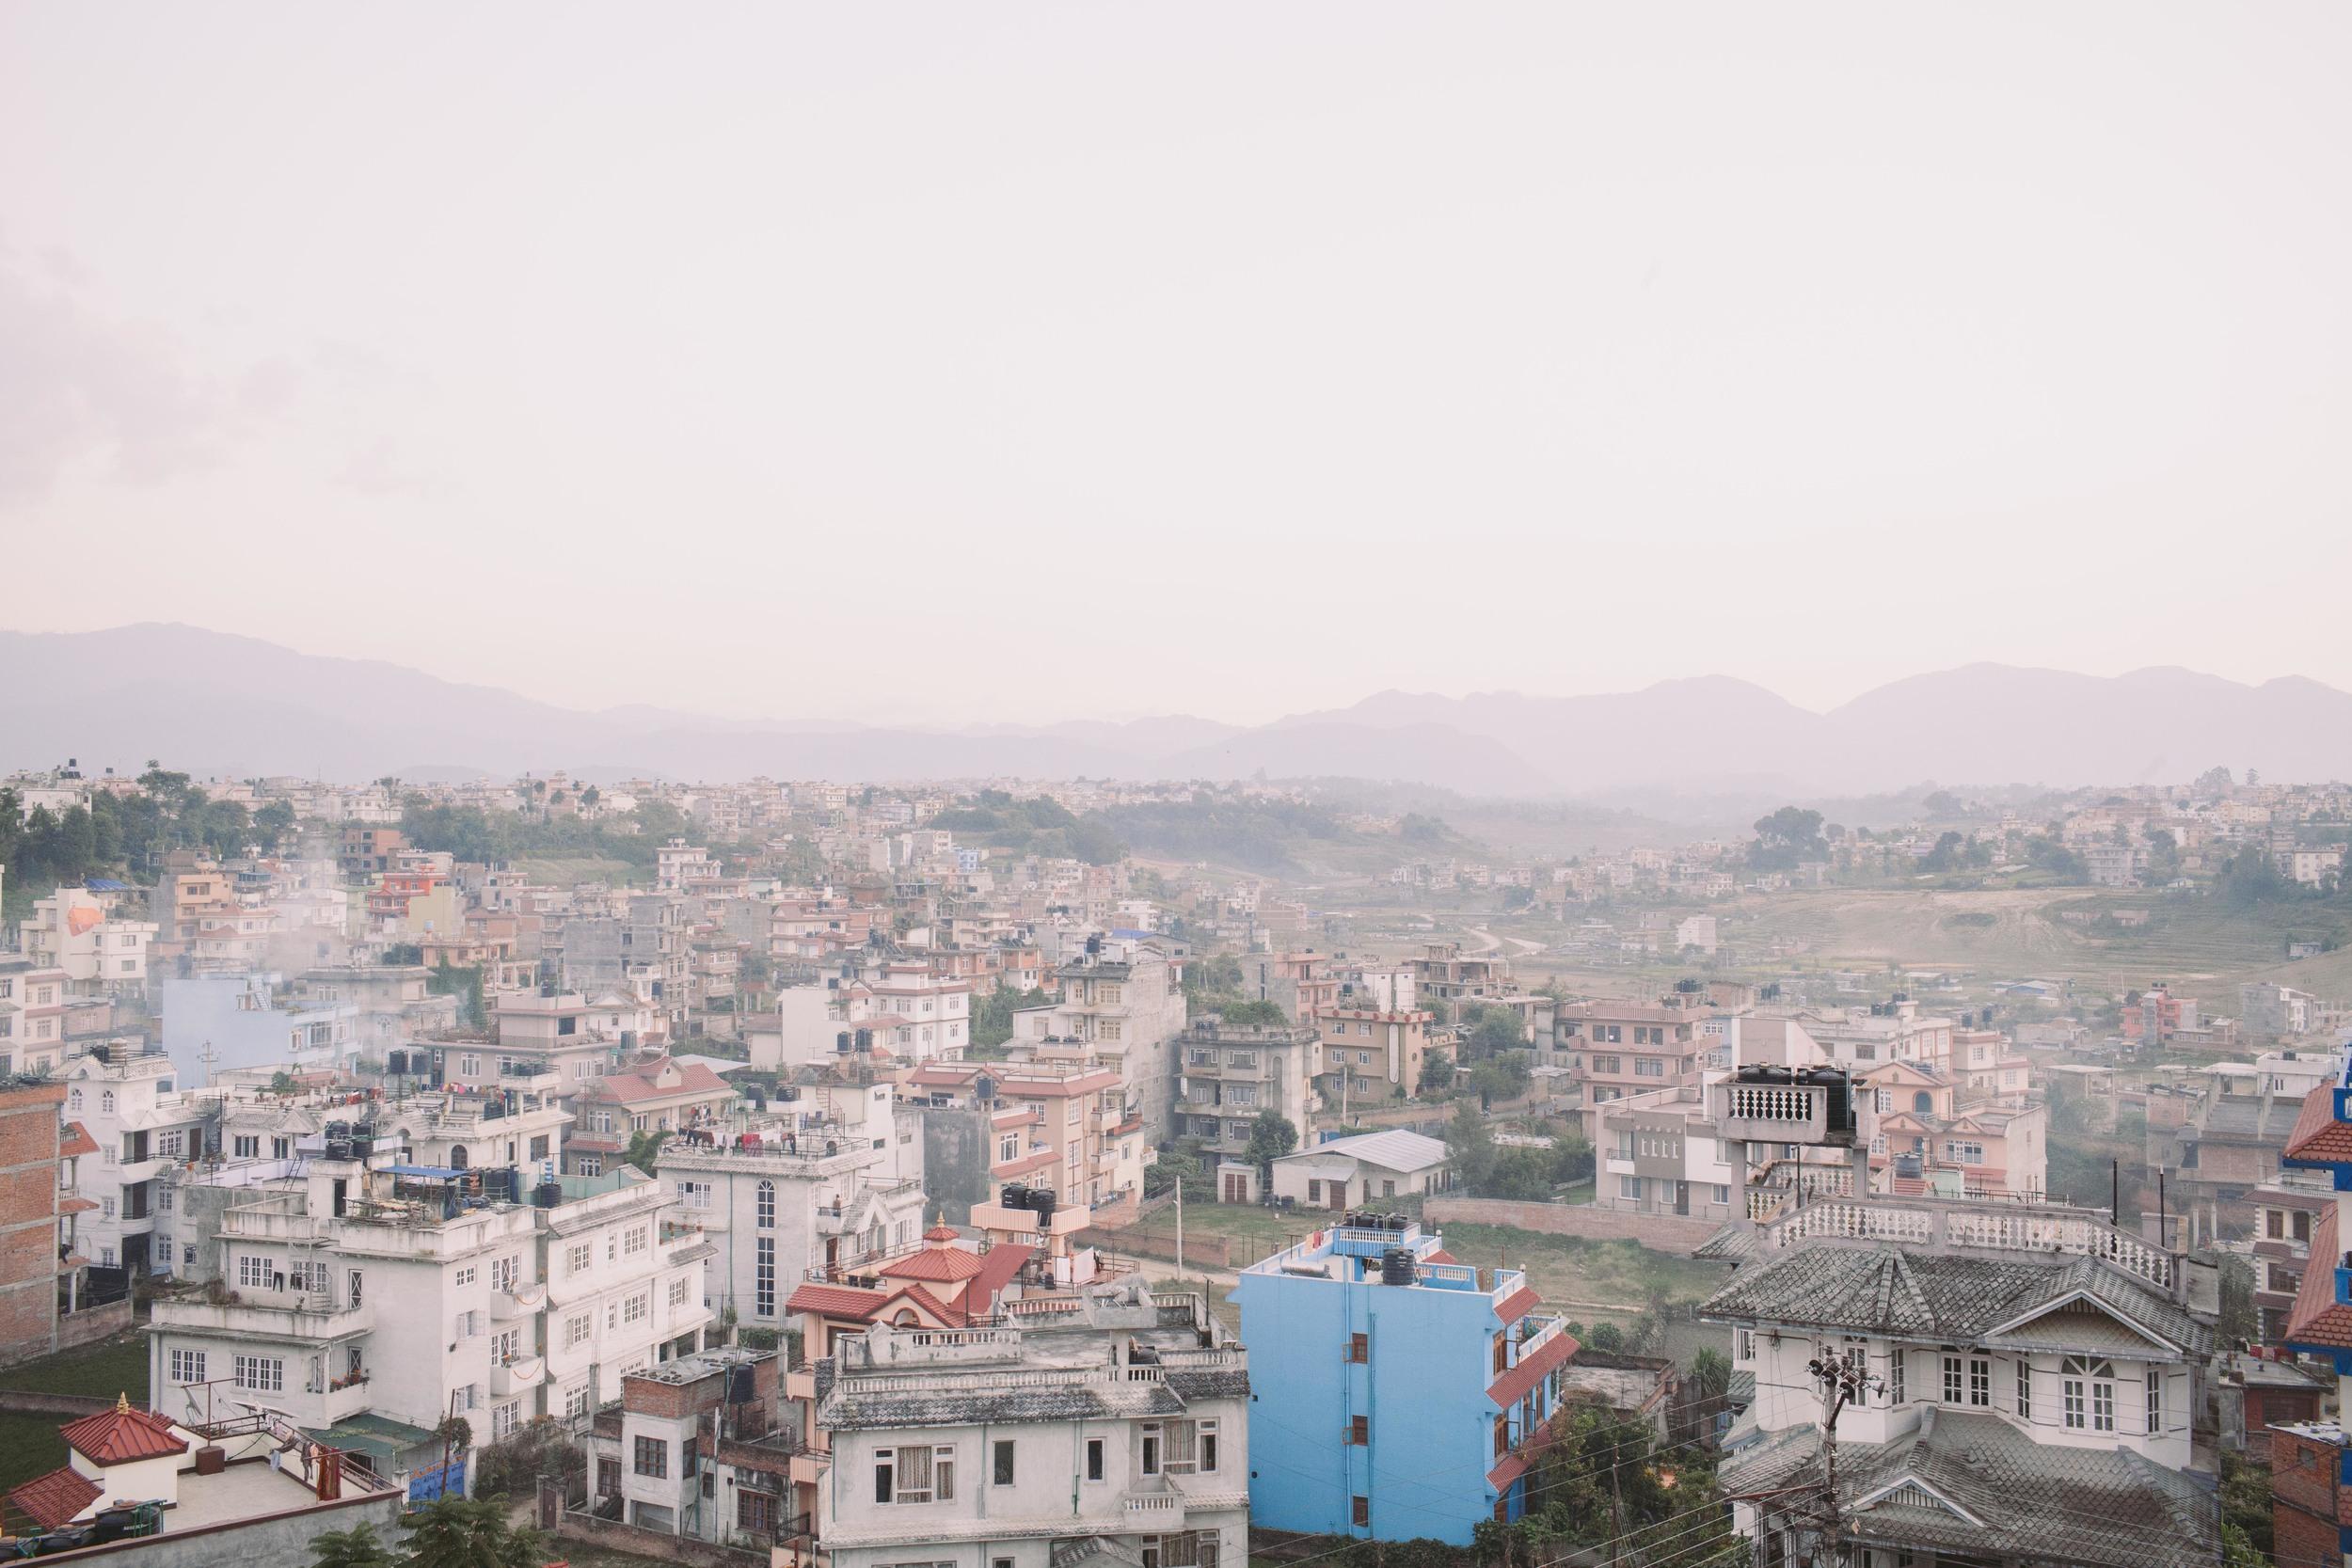 Nepal_11072013-105.jpg